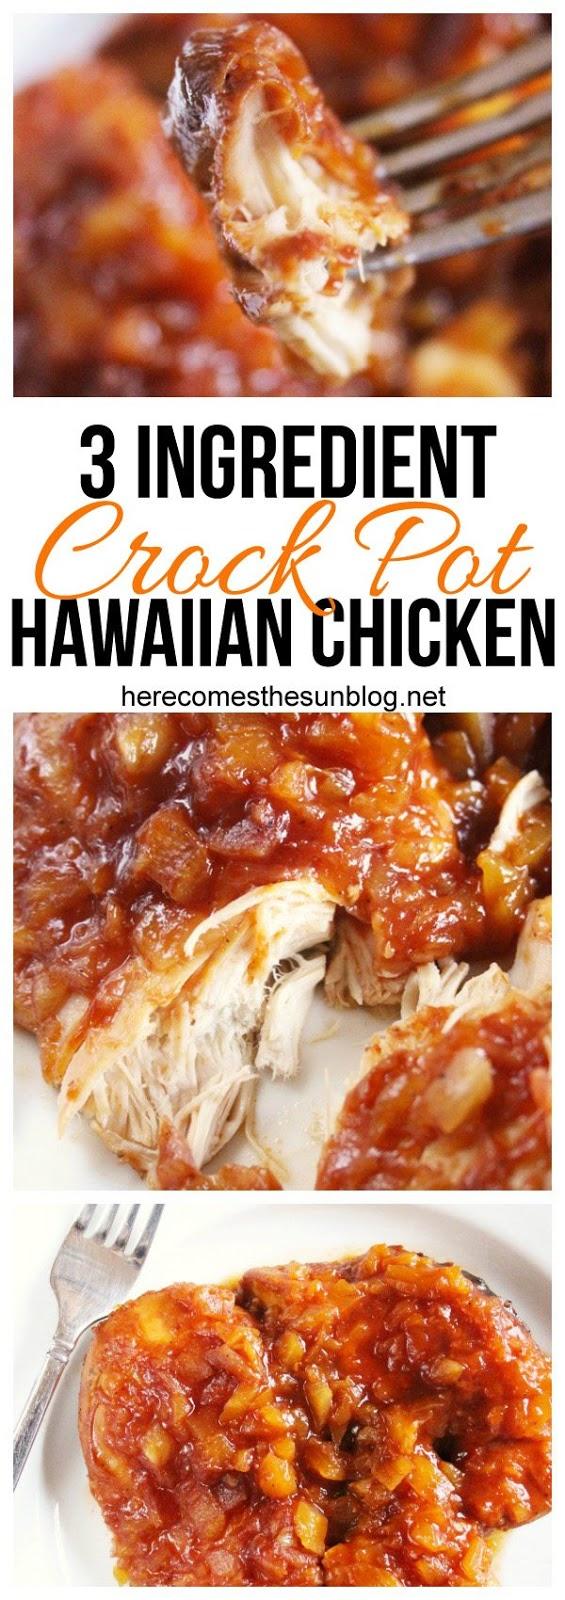 CROCK POT HAWAIIAN CHICKEN RECIPE